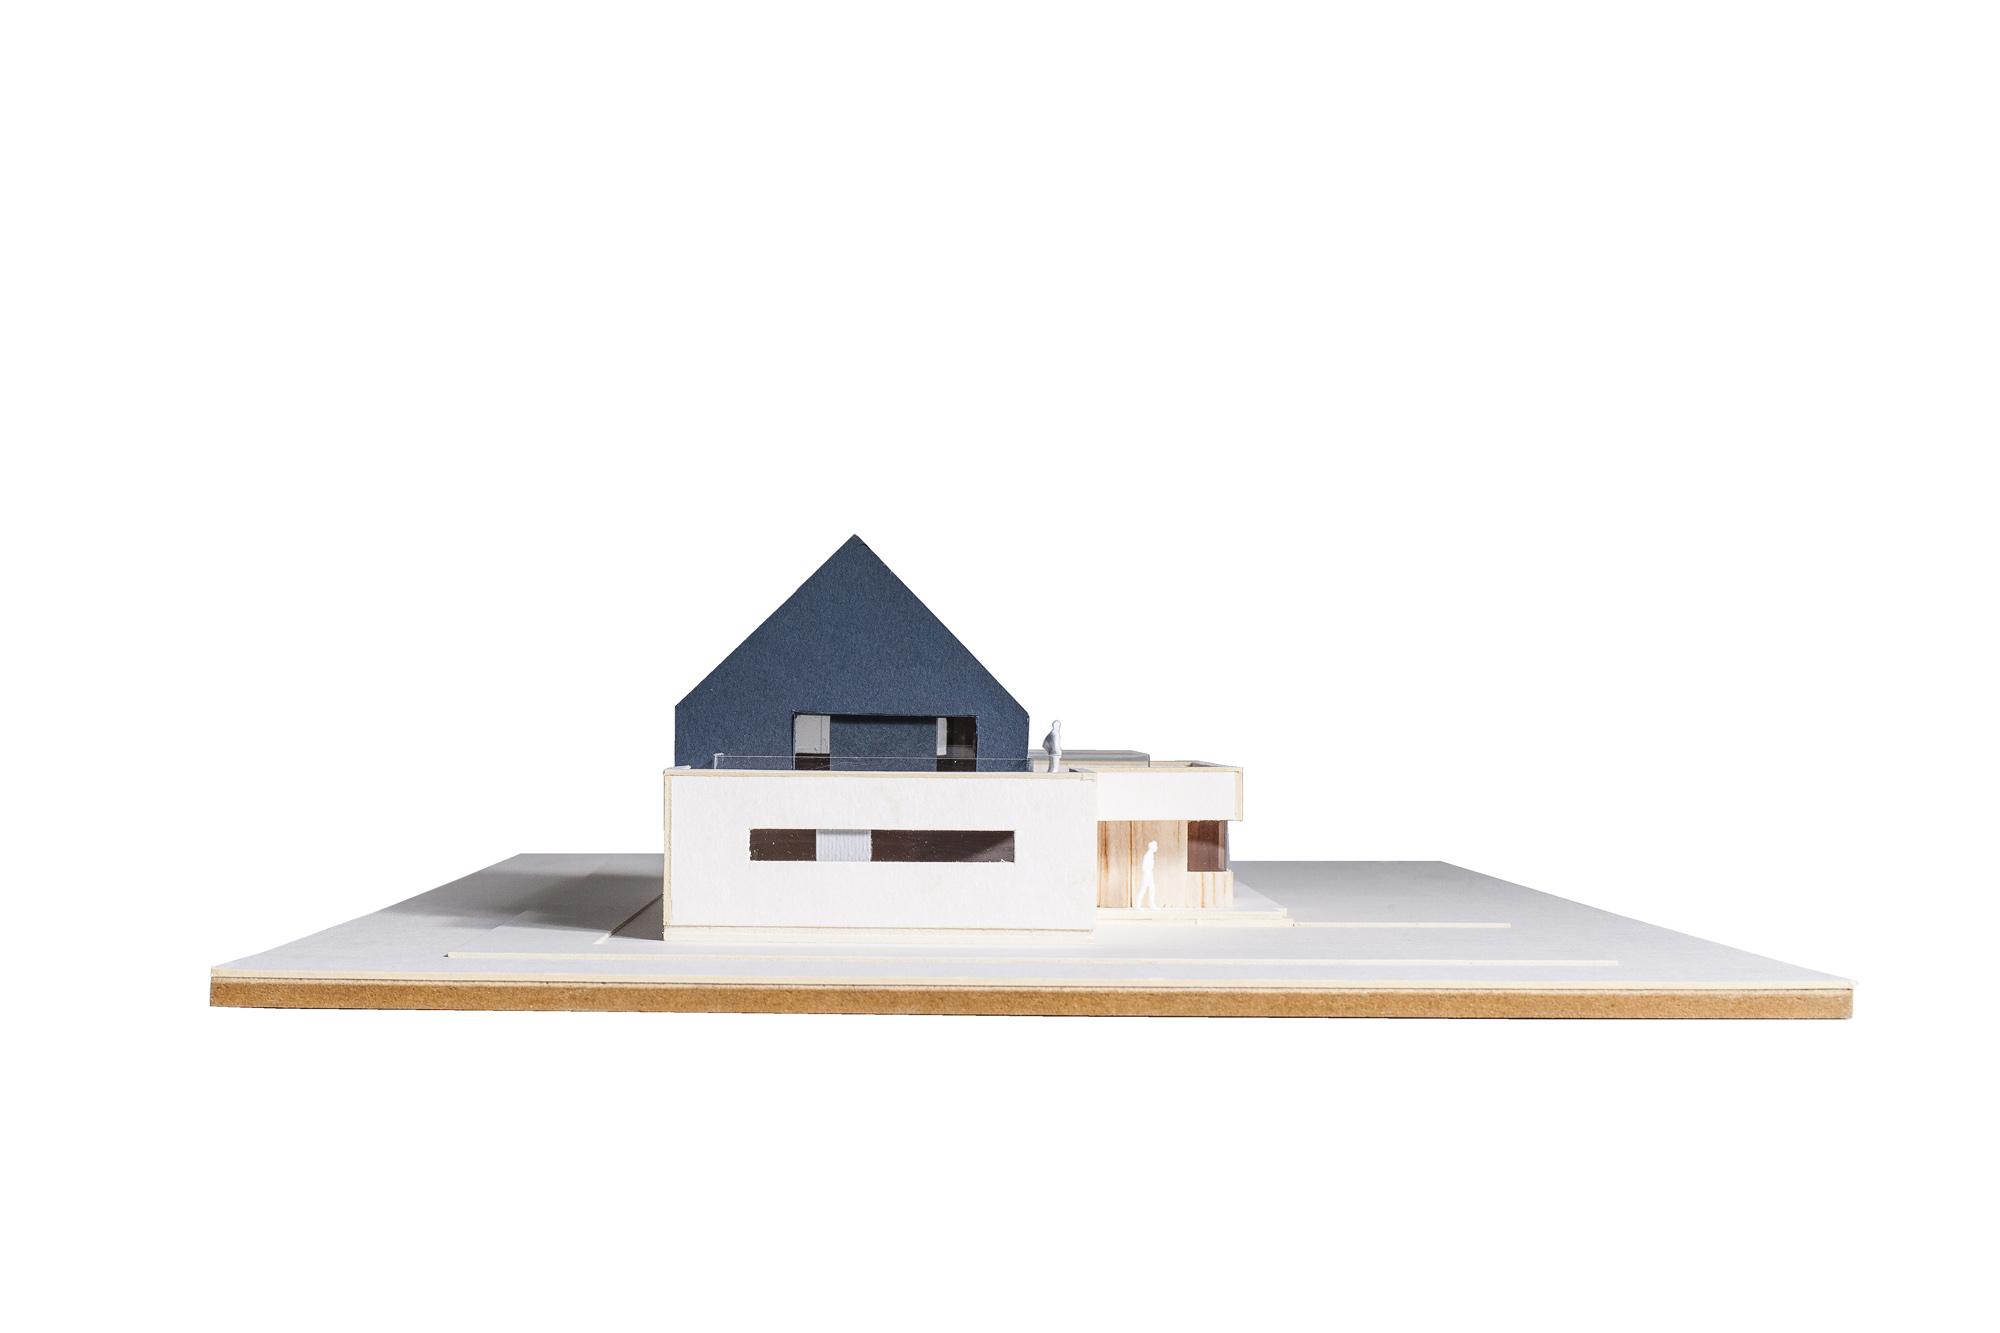 MLC-ZLO-dom-model-12w copy